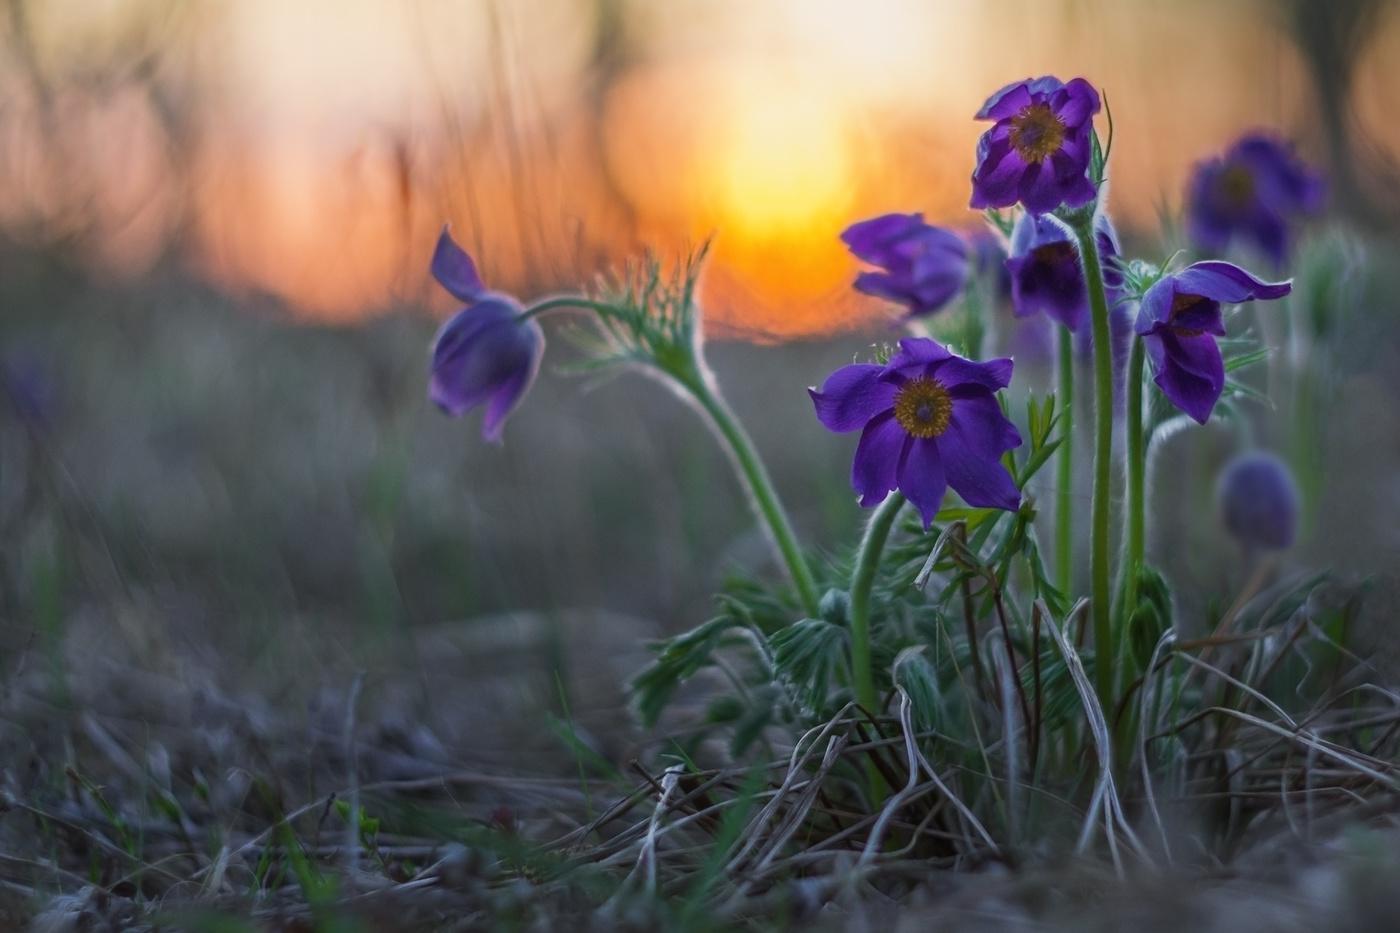 красивые картинки весенние цветы в ночи оказались этой странице